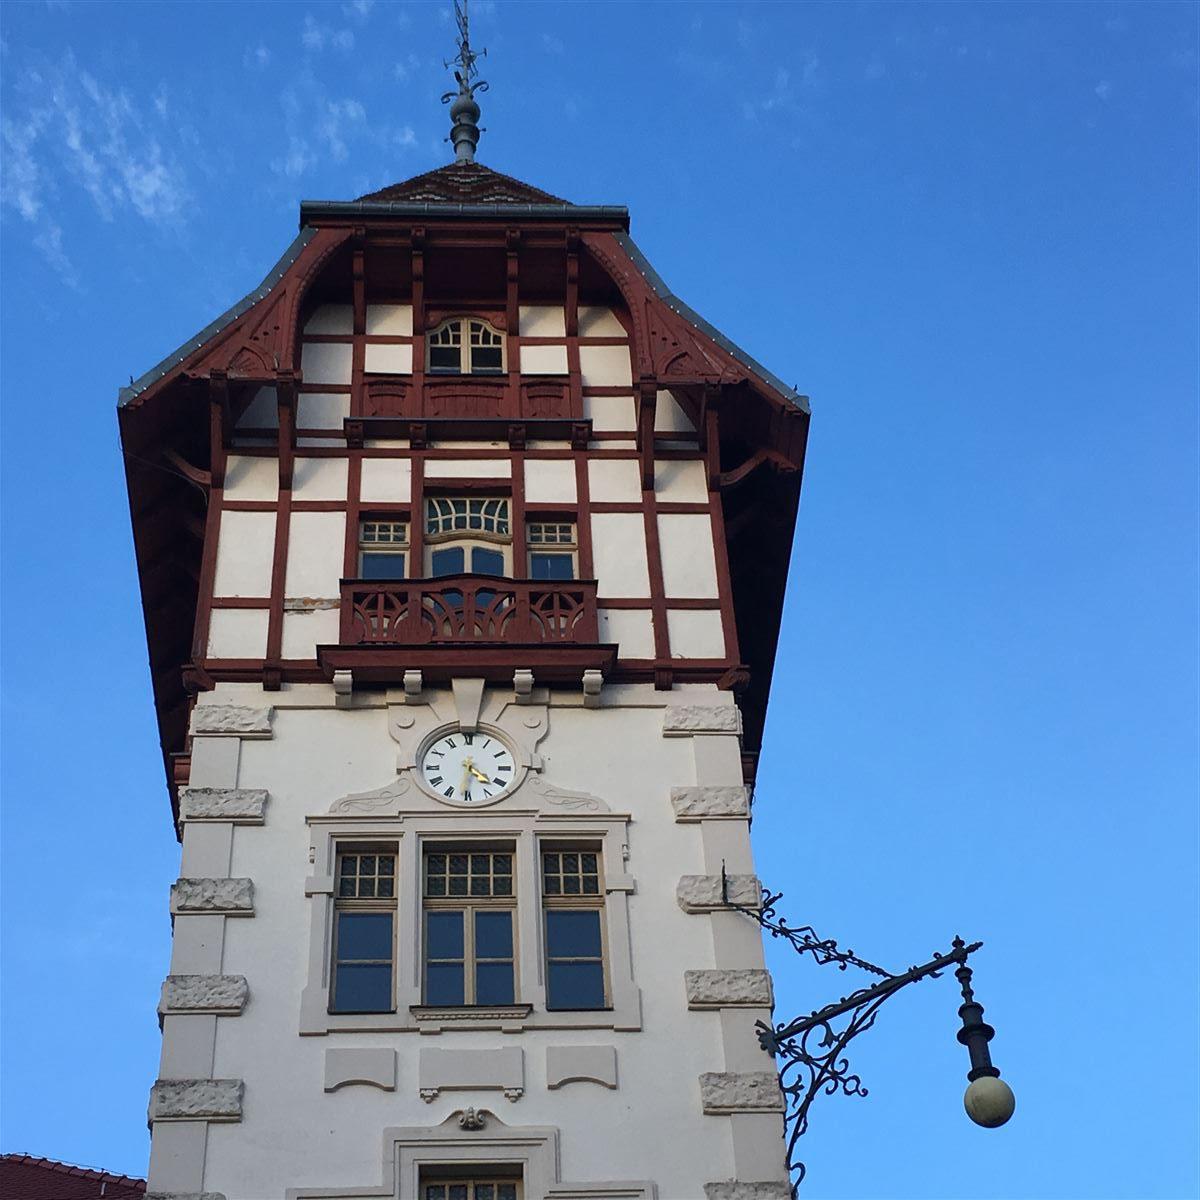 Der Uhrenturm am Wirtschaftsgebäude Theresienstein in Hof